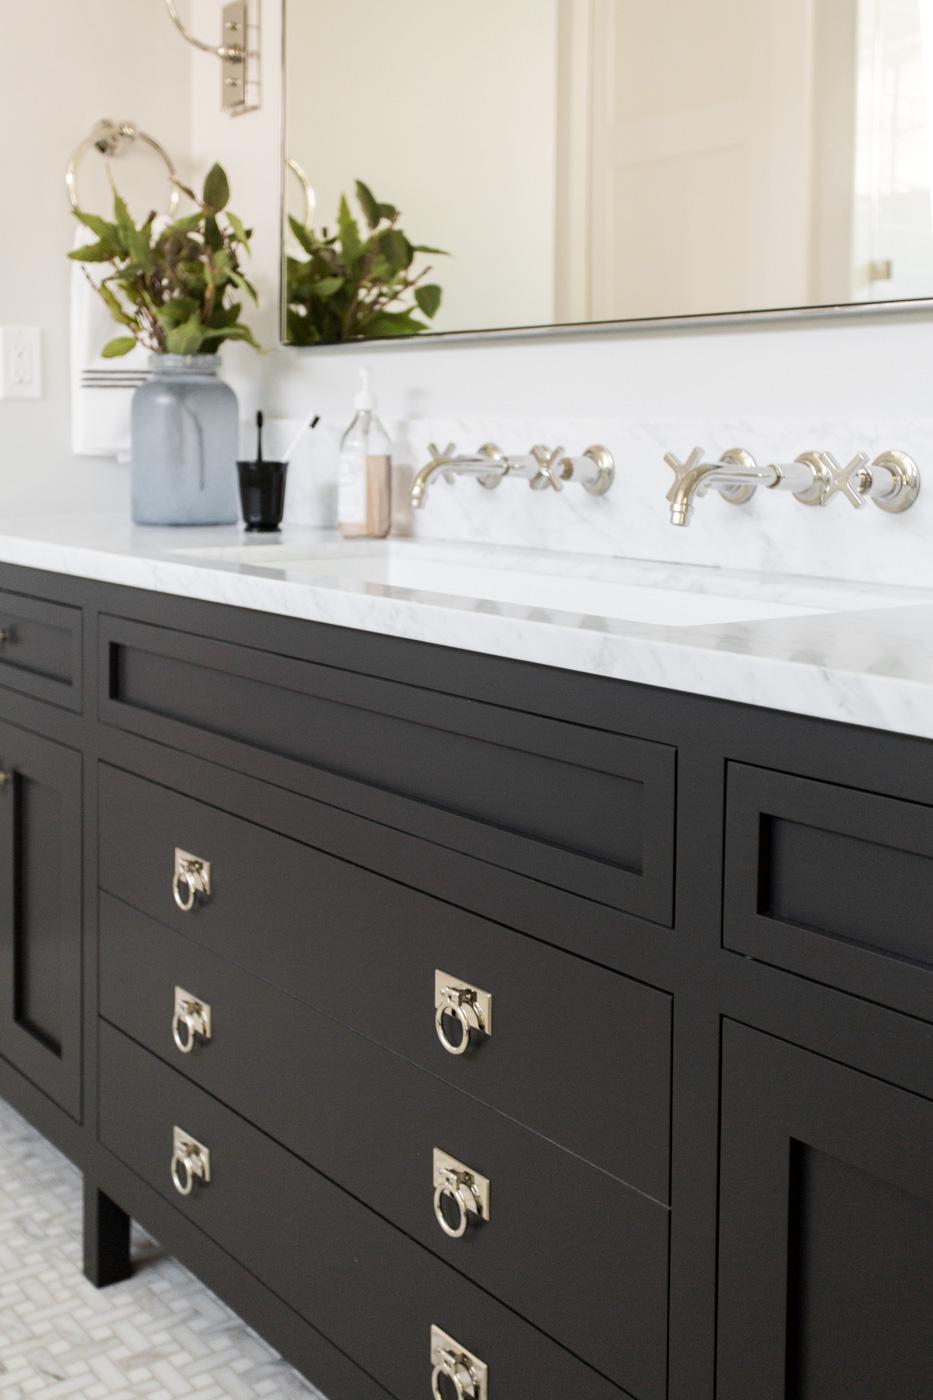 Silver handle details on black bathroom vanity